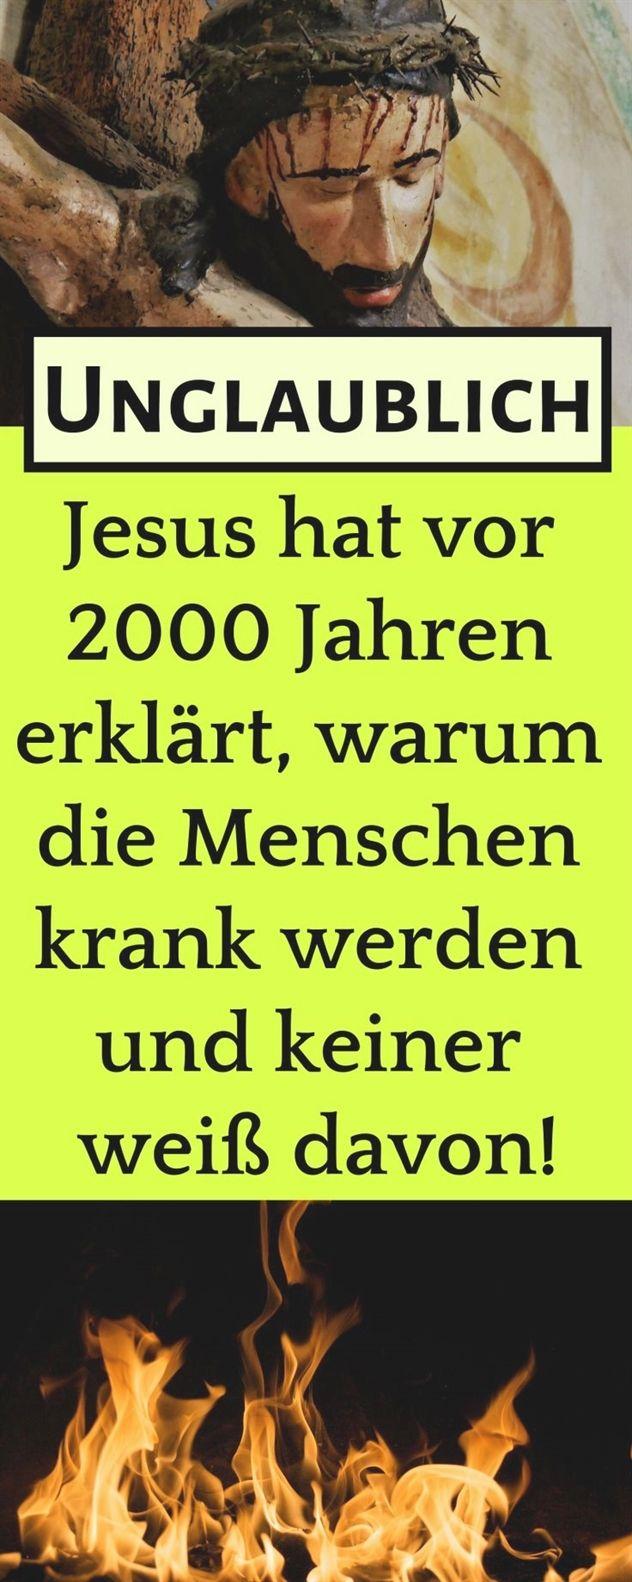 Unglaublich, dass bisher kaum einer davon weiß! Jesus geheime Lehren, Jesus Zit…